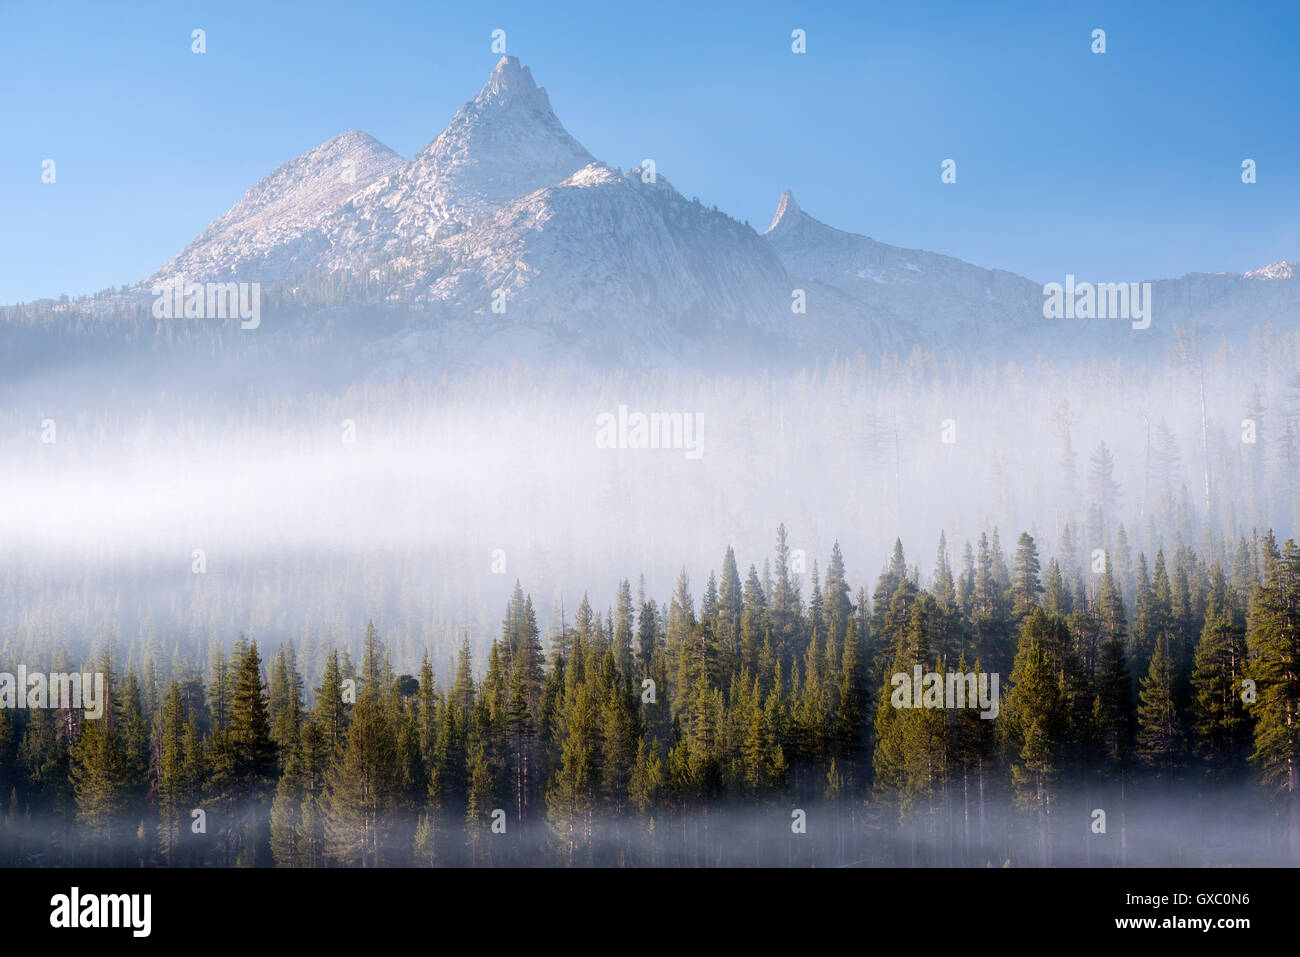 Niebla el bosque circundante a continuación Unicorn pico, el Parque Nacional Yosemite, California, USA. Otoño Imagen De Stock